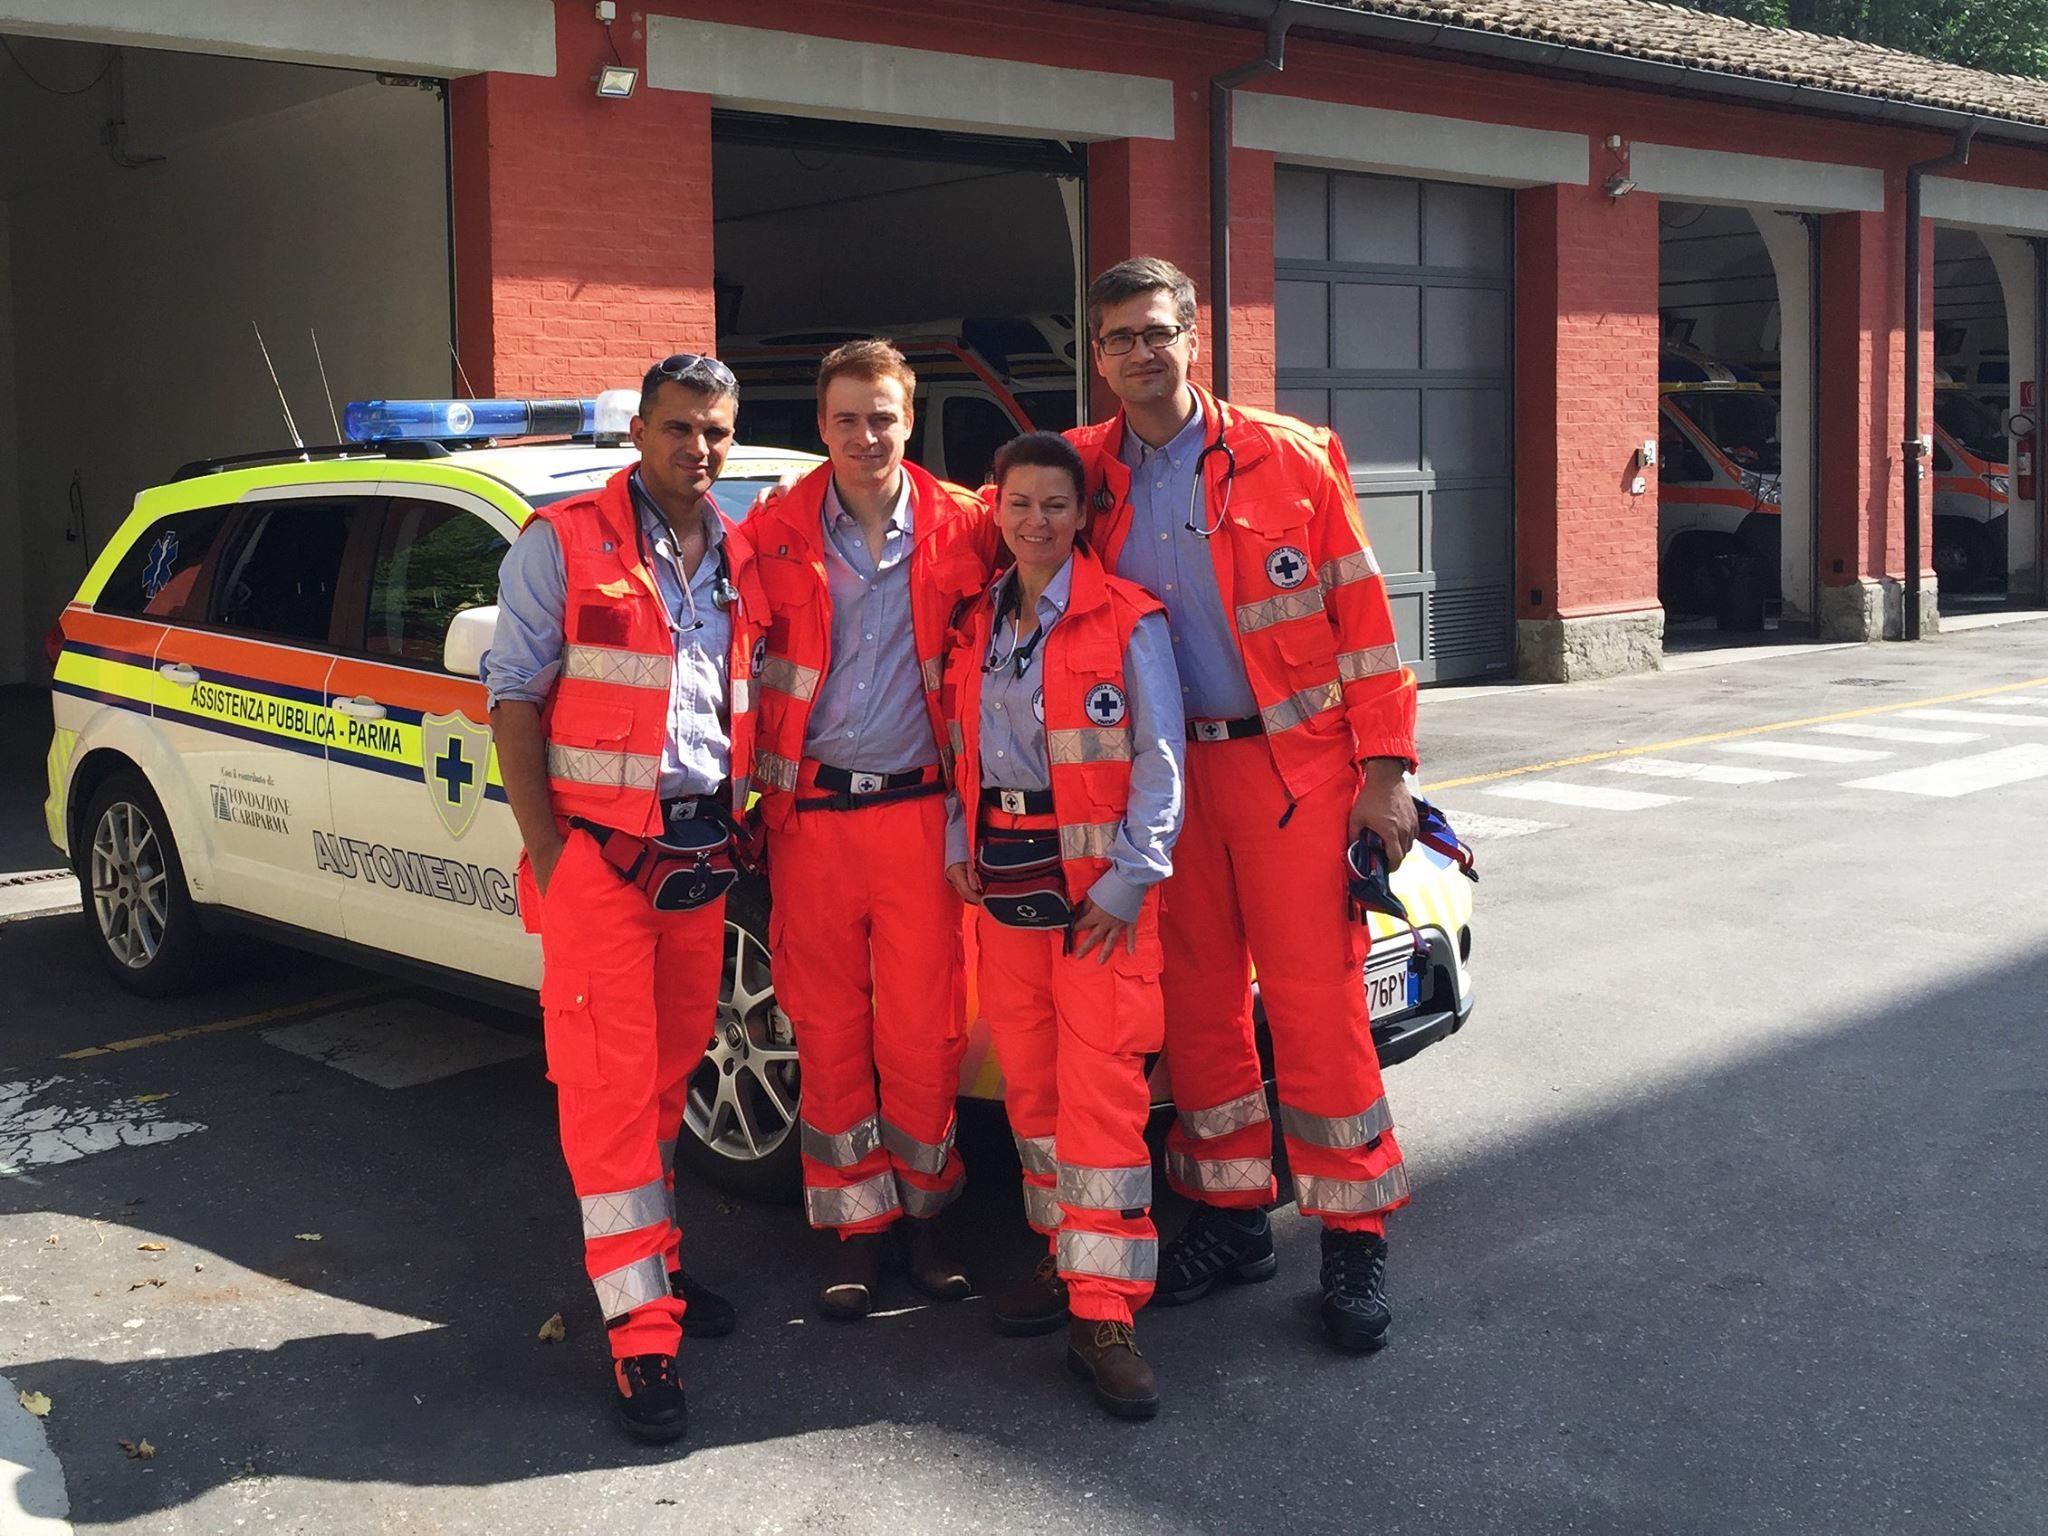 Dal Canada all'Italia per studiare i sistemi di emergenza: